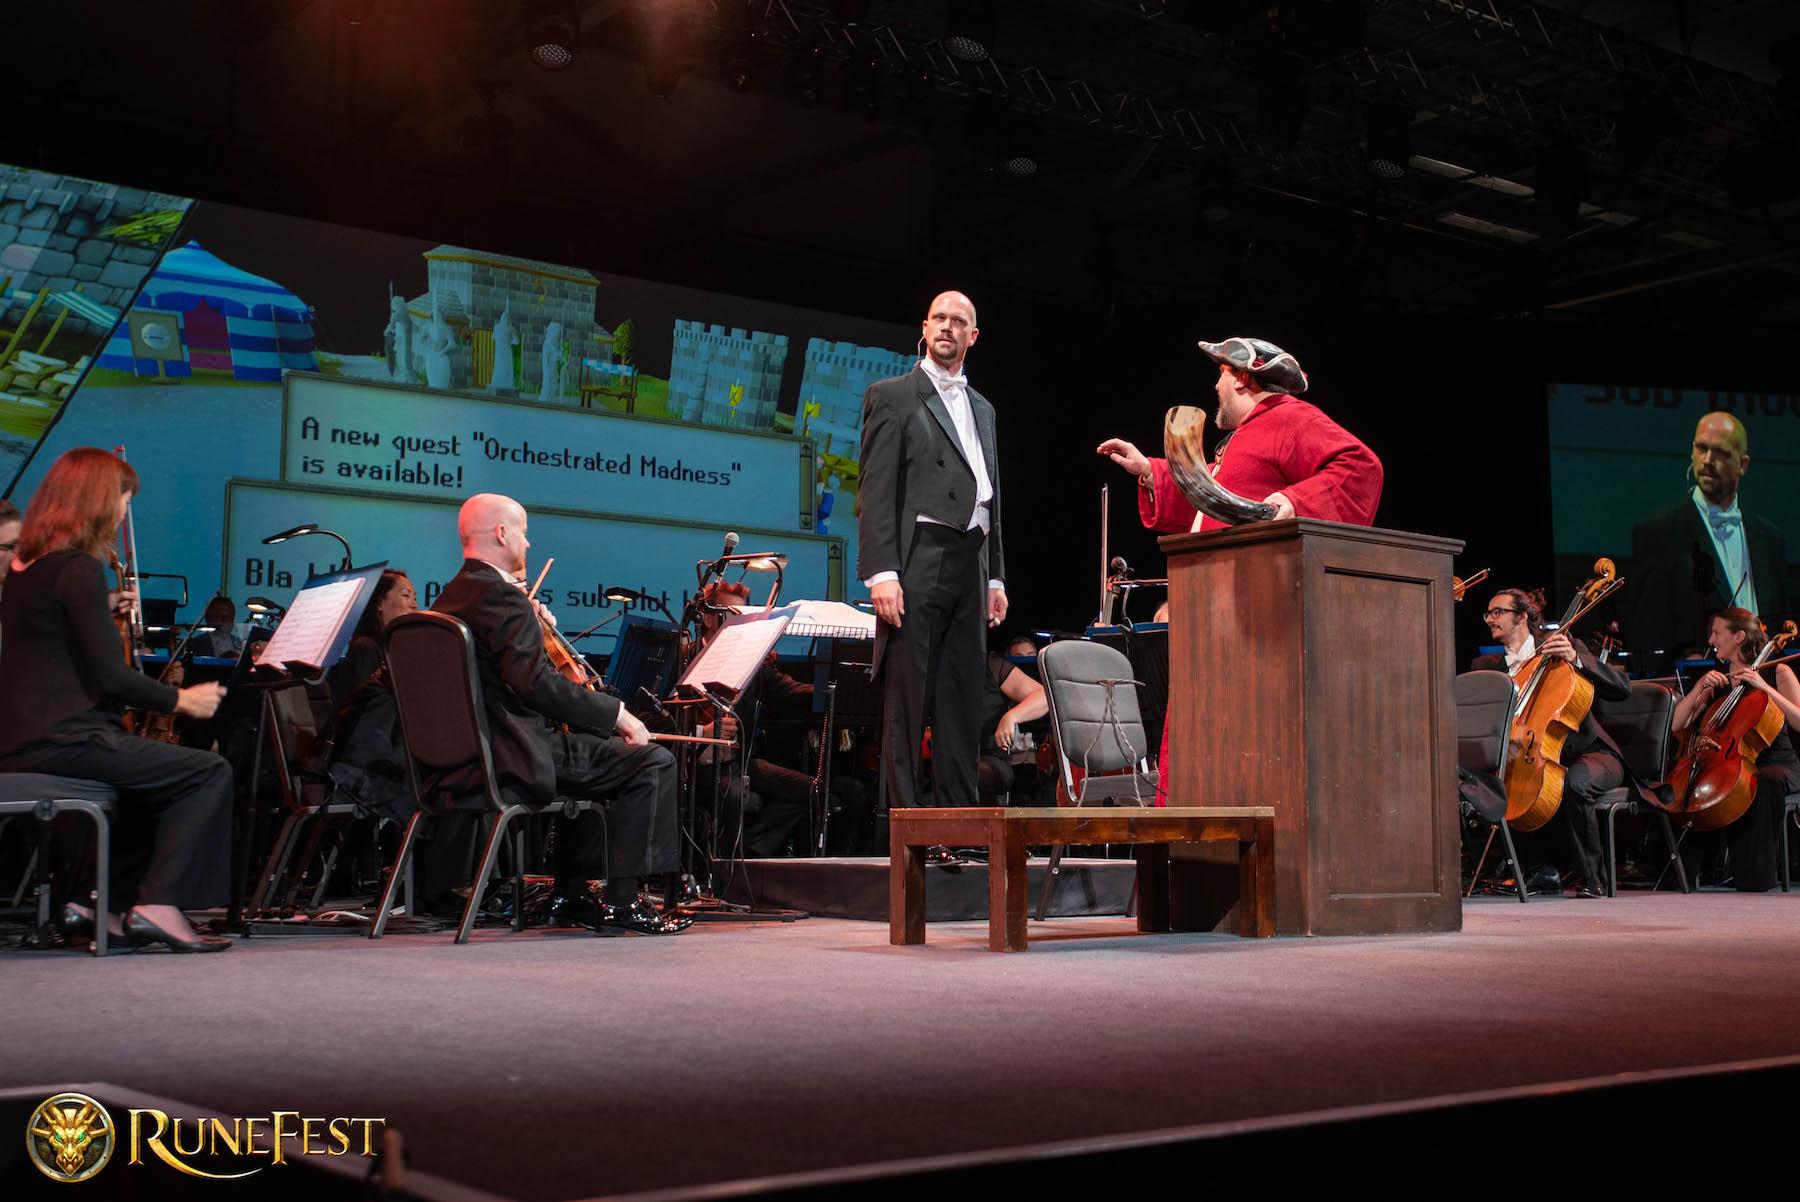 Runefest image - The concert in full swing